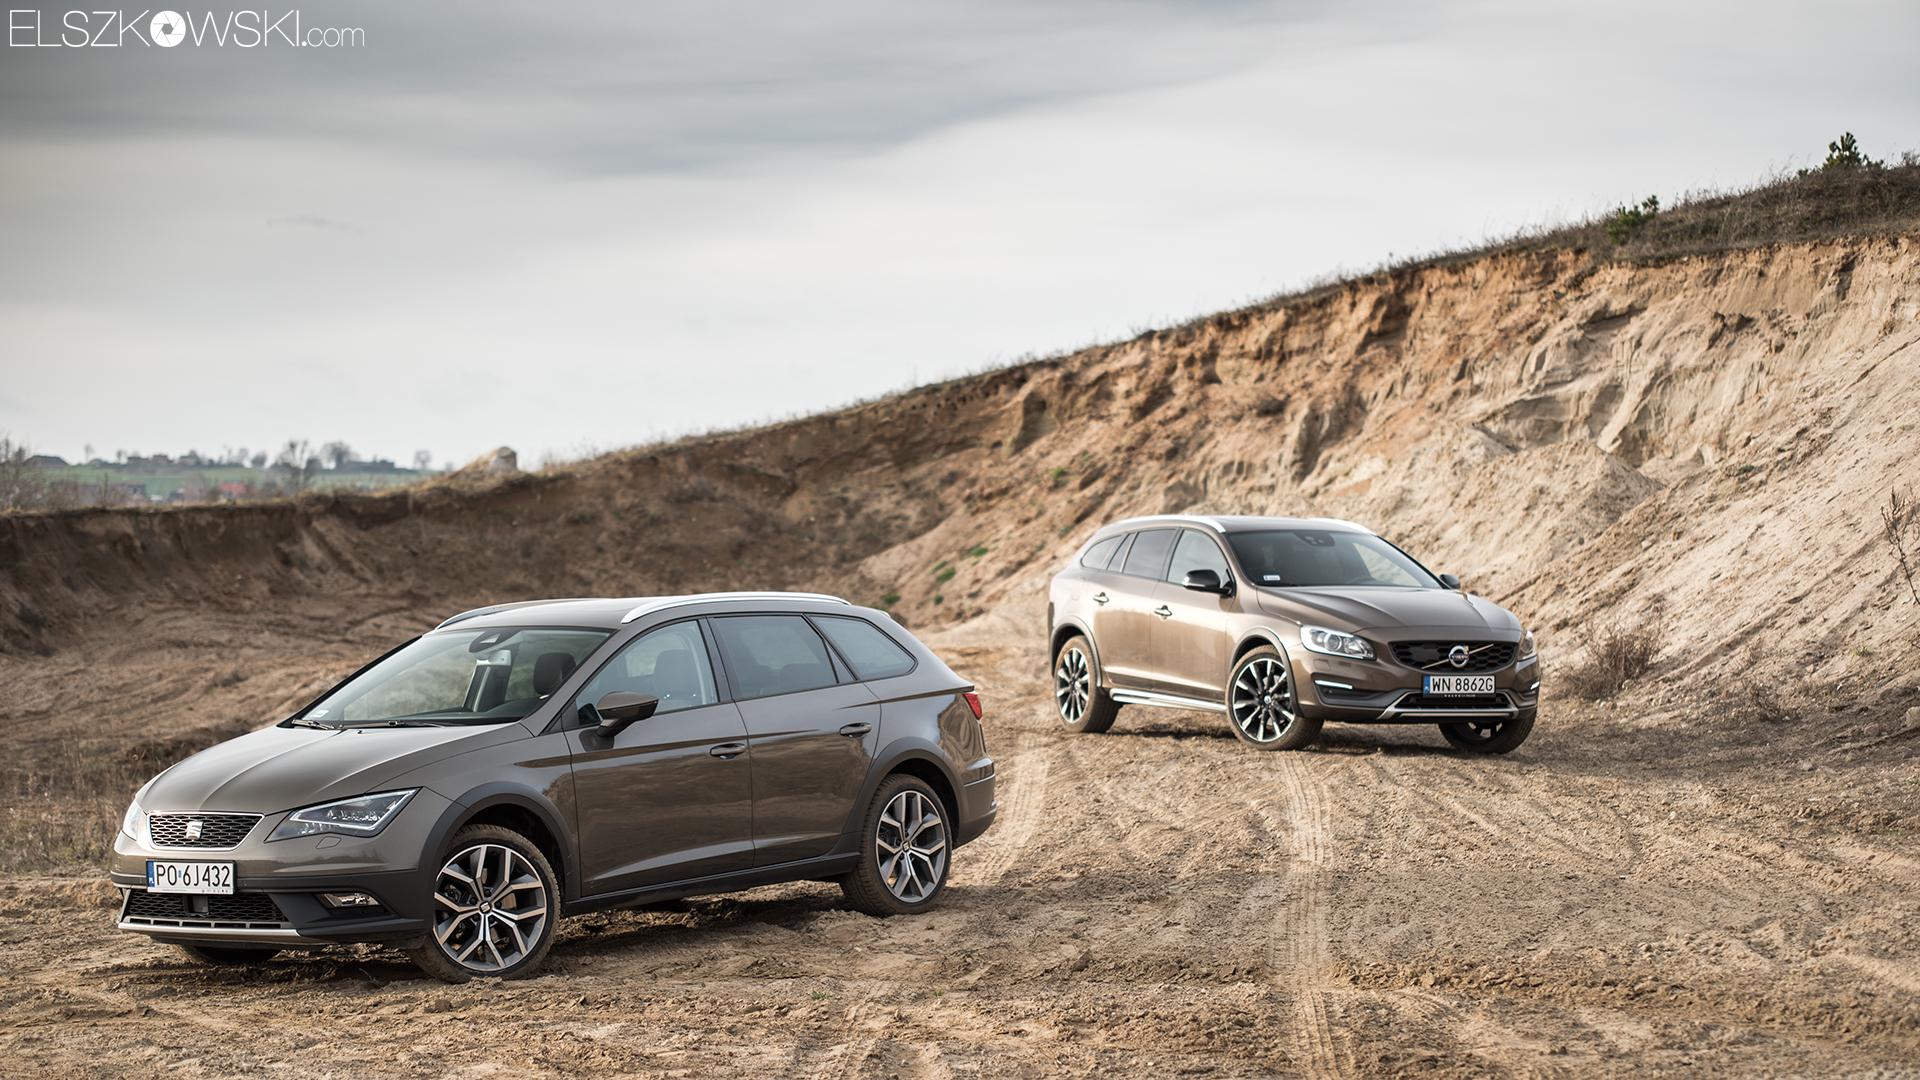 Test porównawczy Volvo i Seat